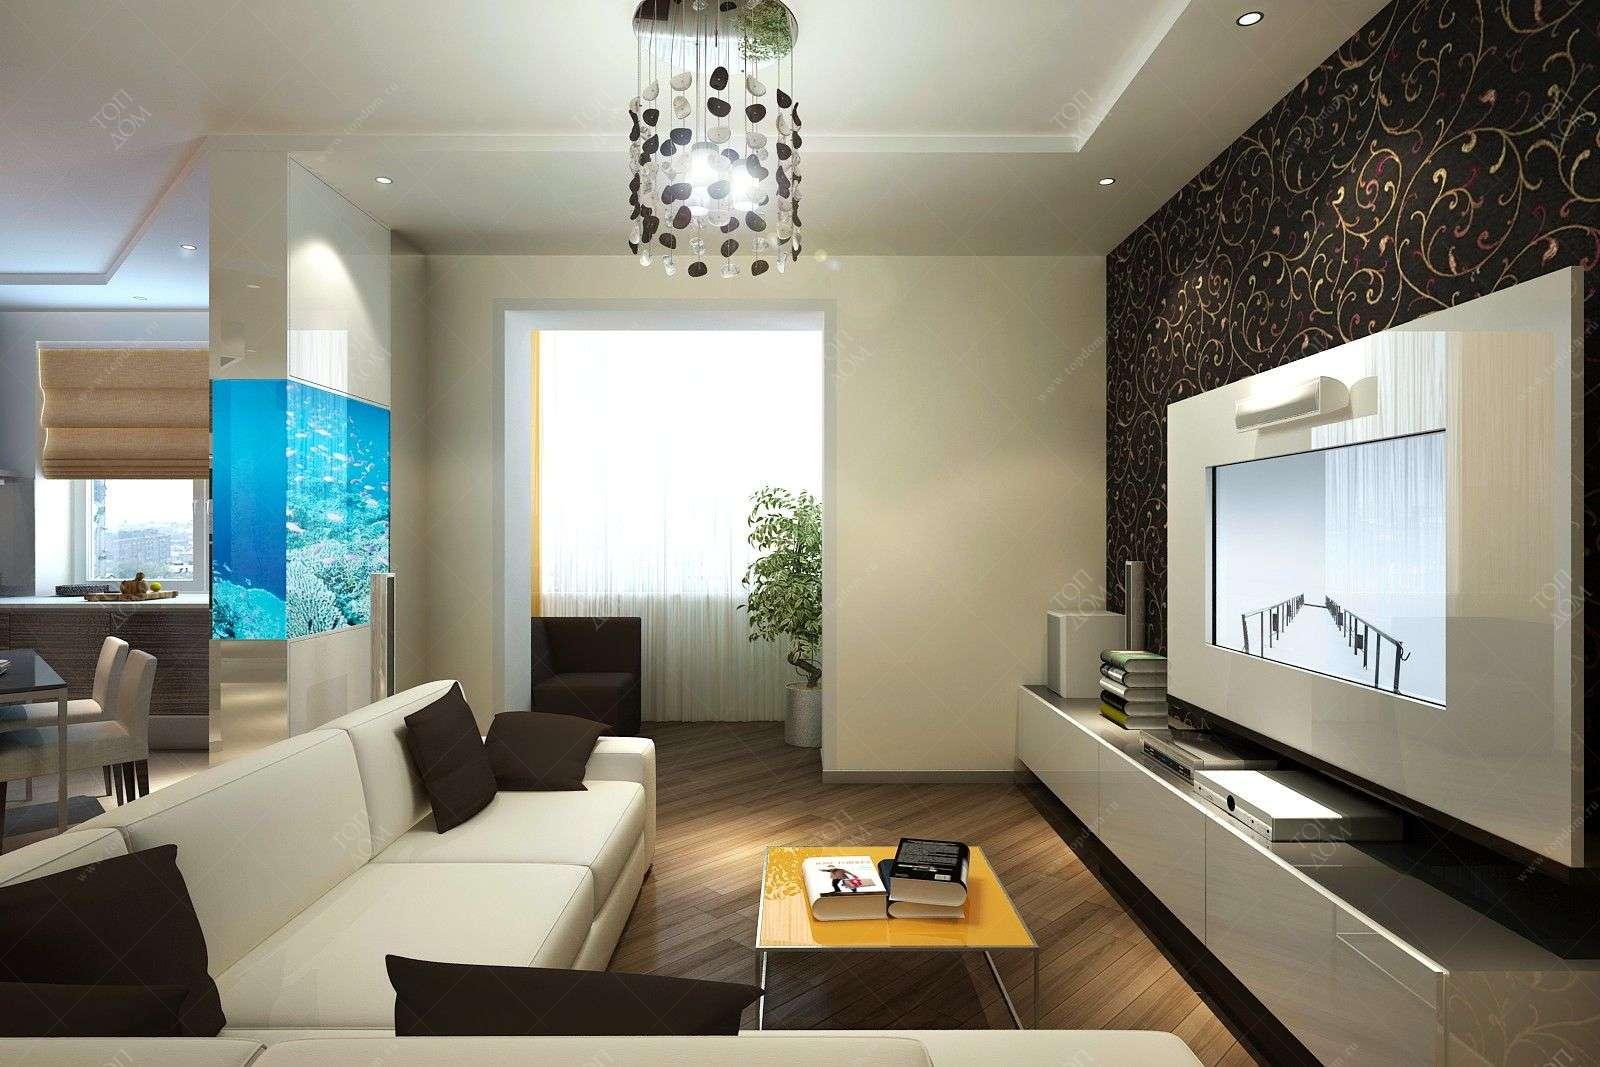 Оформление интерьера гостиной-студии с аквариумом.